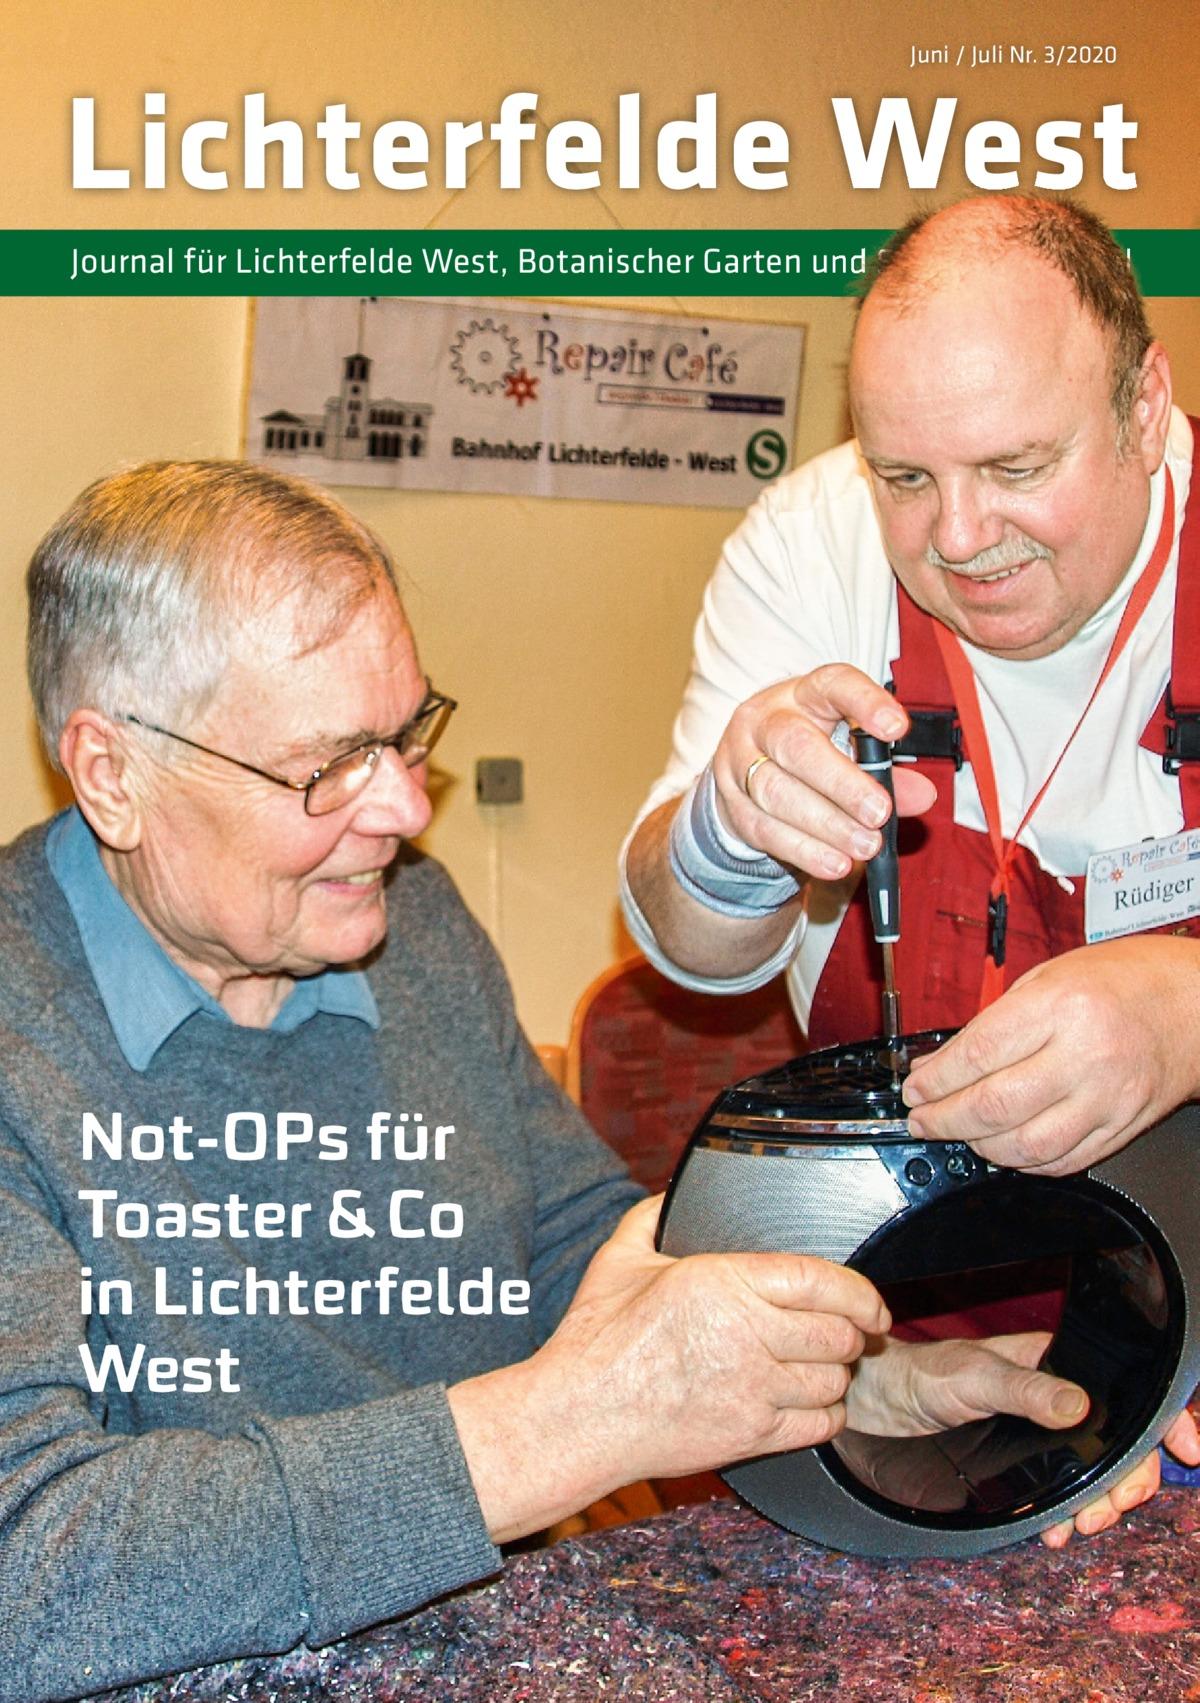 Juni / Juli Nr. 3/2020  Lichterfelde West Journal für Lichterfelde West, Botanischer Garten und Schweizer Viertel  Not-OPs für Toaster & Co inLichterfelde West